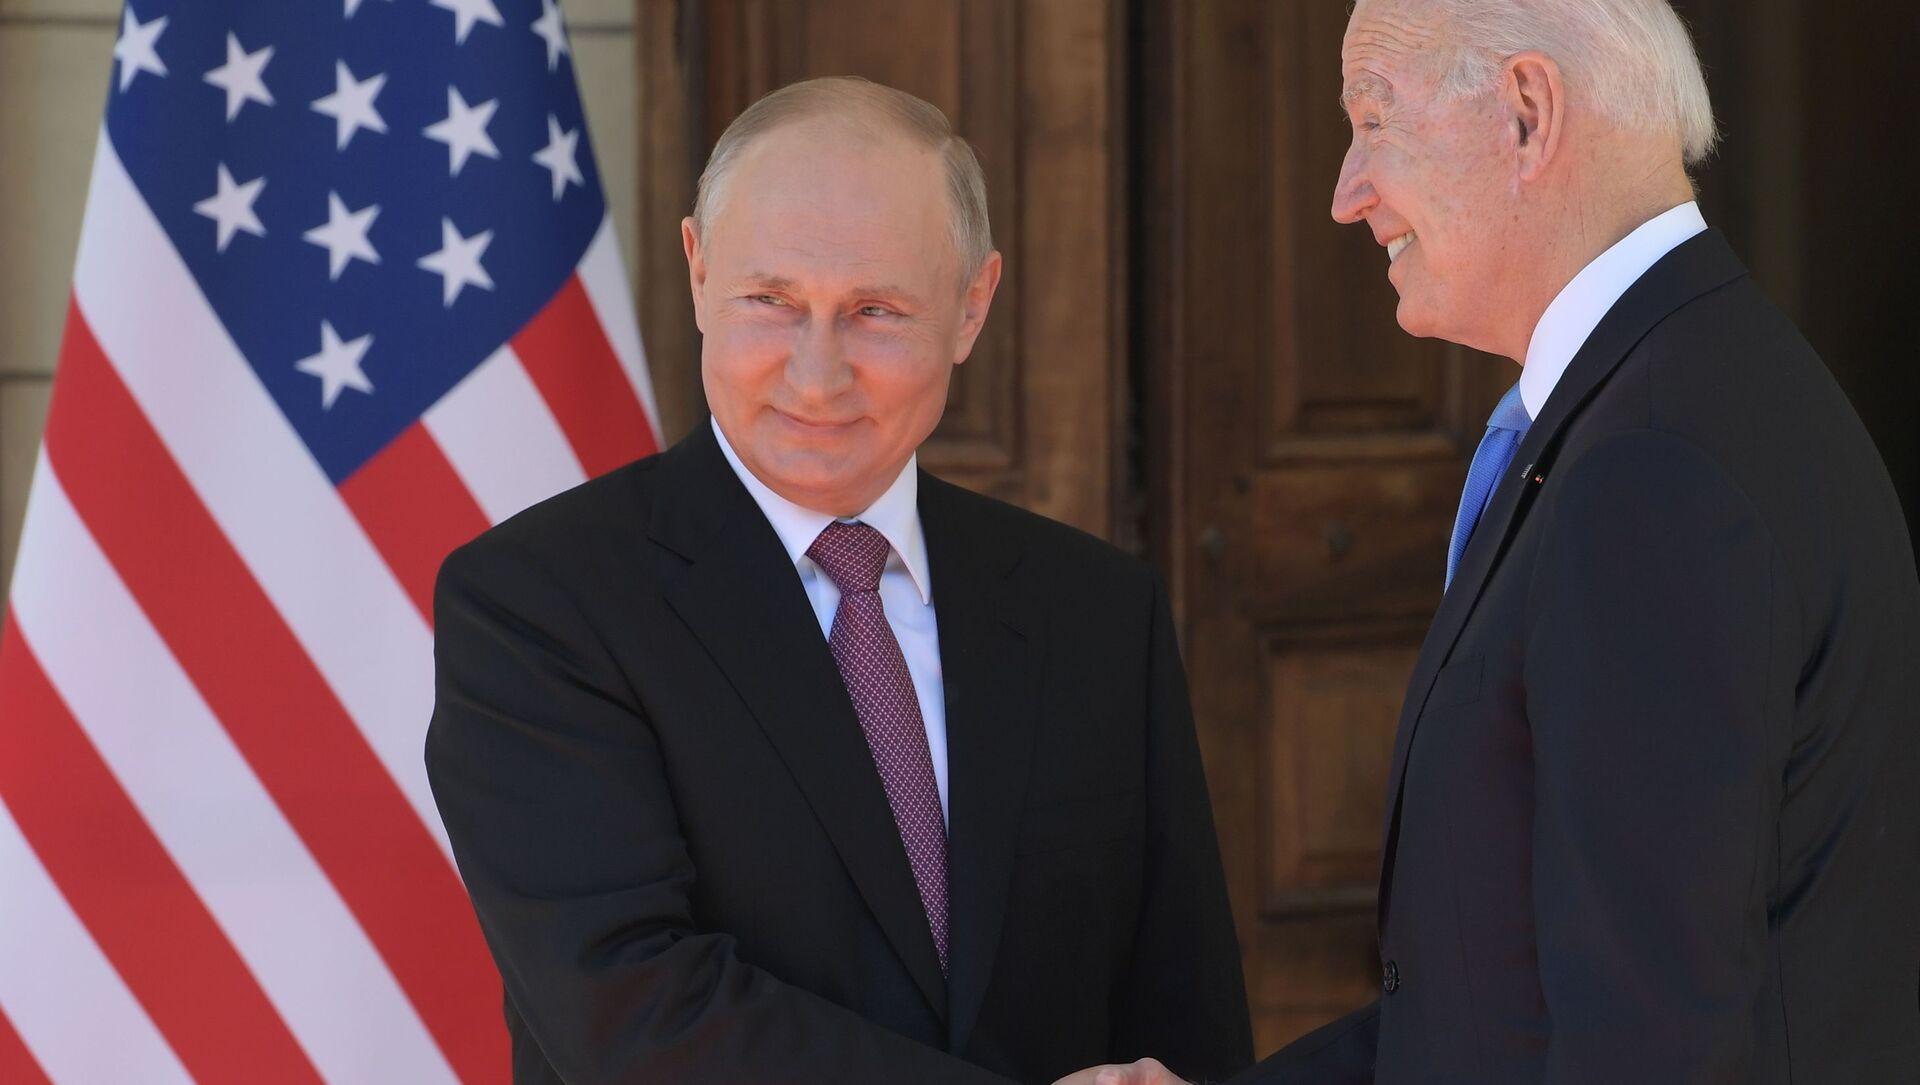 Prezydent Rosji Władimir Putin i prezydent USA Joe Biden na spotkaniu w Genewie. - Sputnik Polska, 1920, 18.06.2021